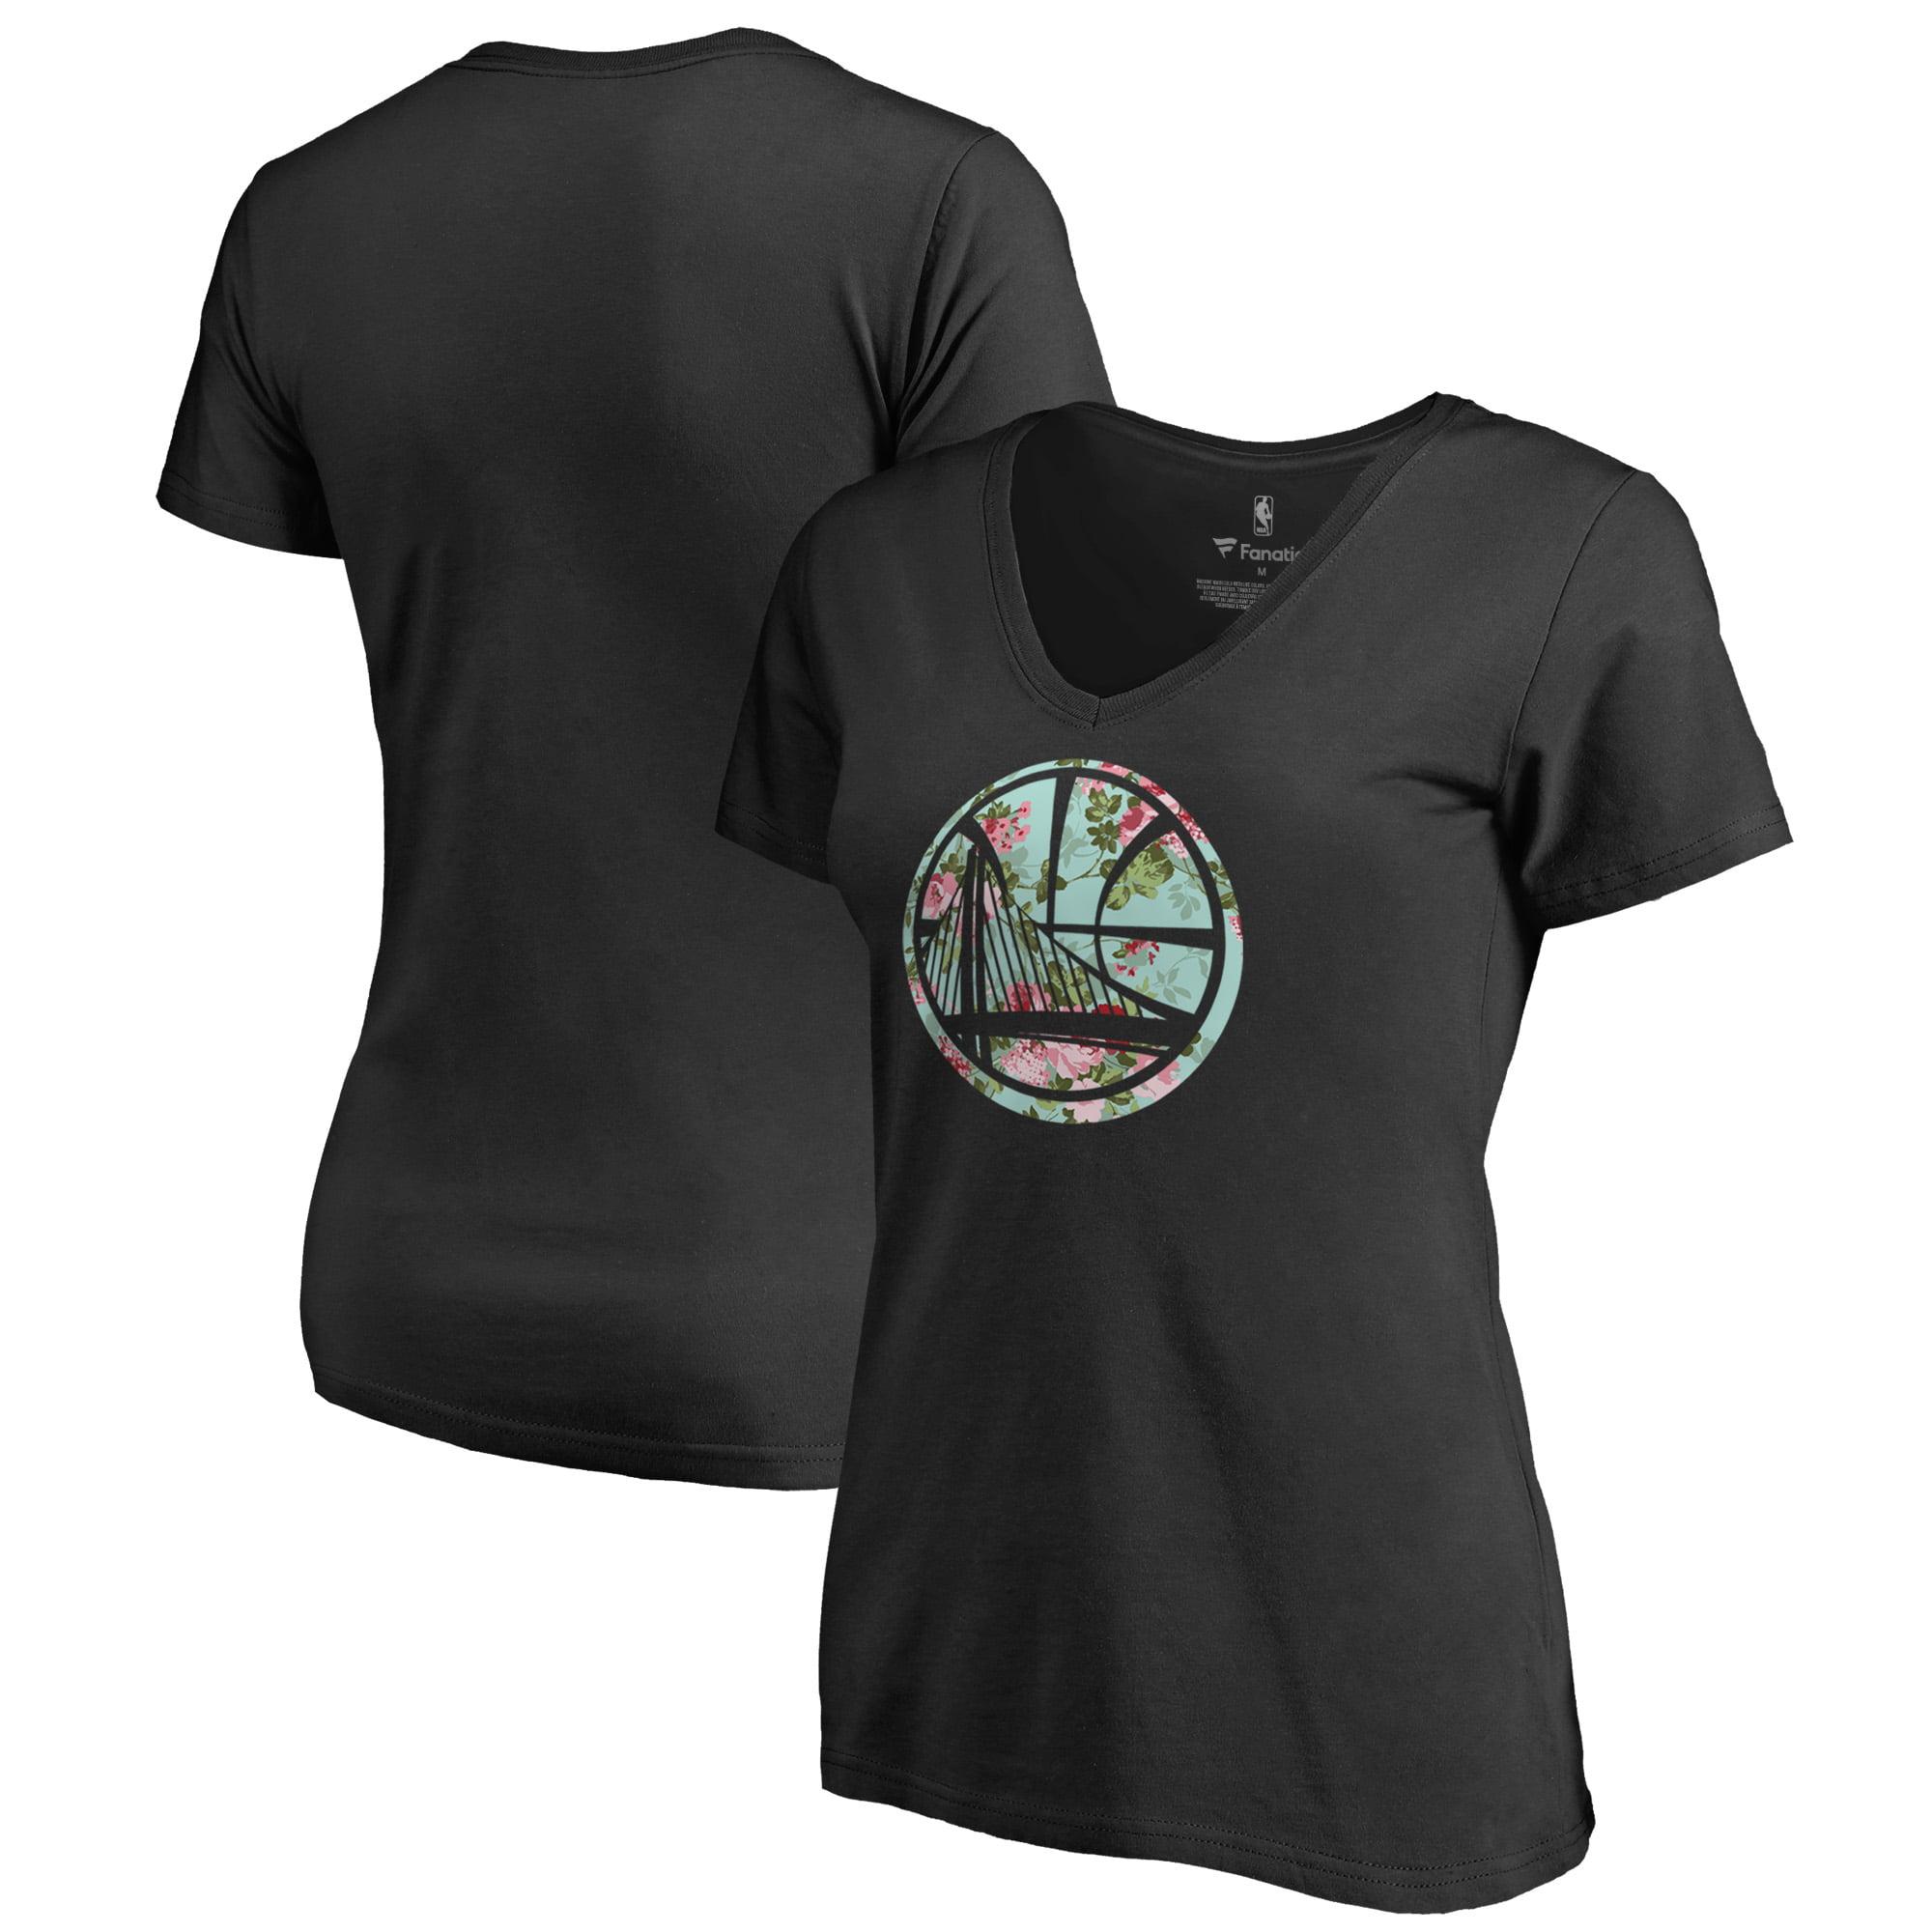 Golden State Warriors Fanatics Branded Lovely V-Neck T-Shirt - Black